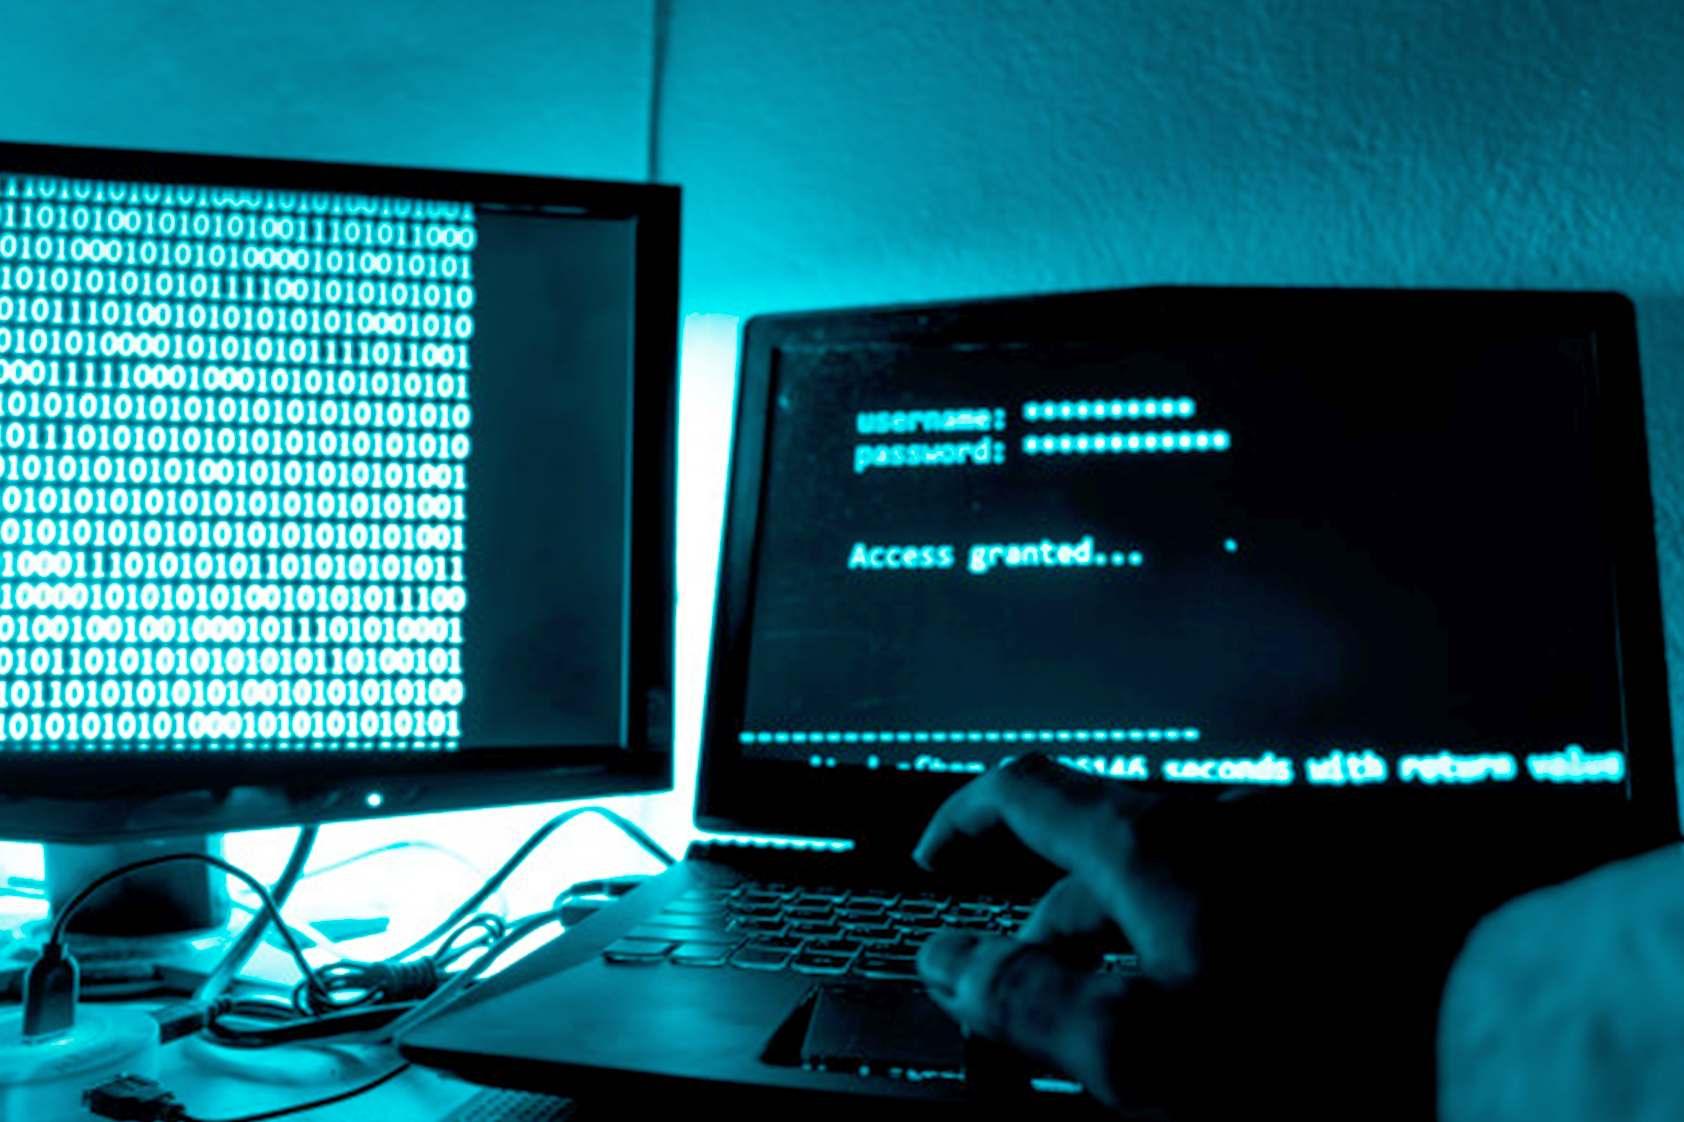 ¿Cómo puede ayudarte un hacker?